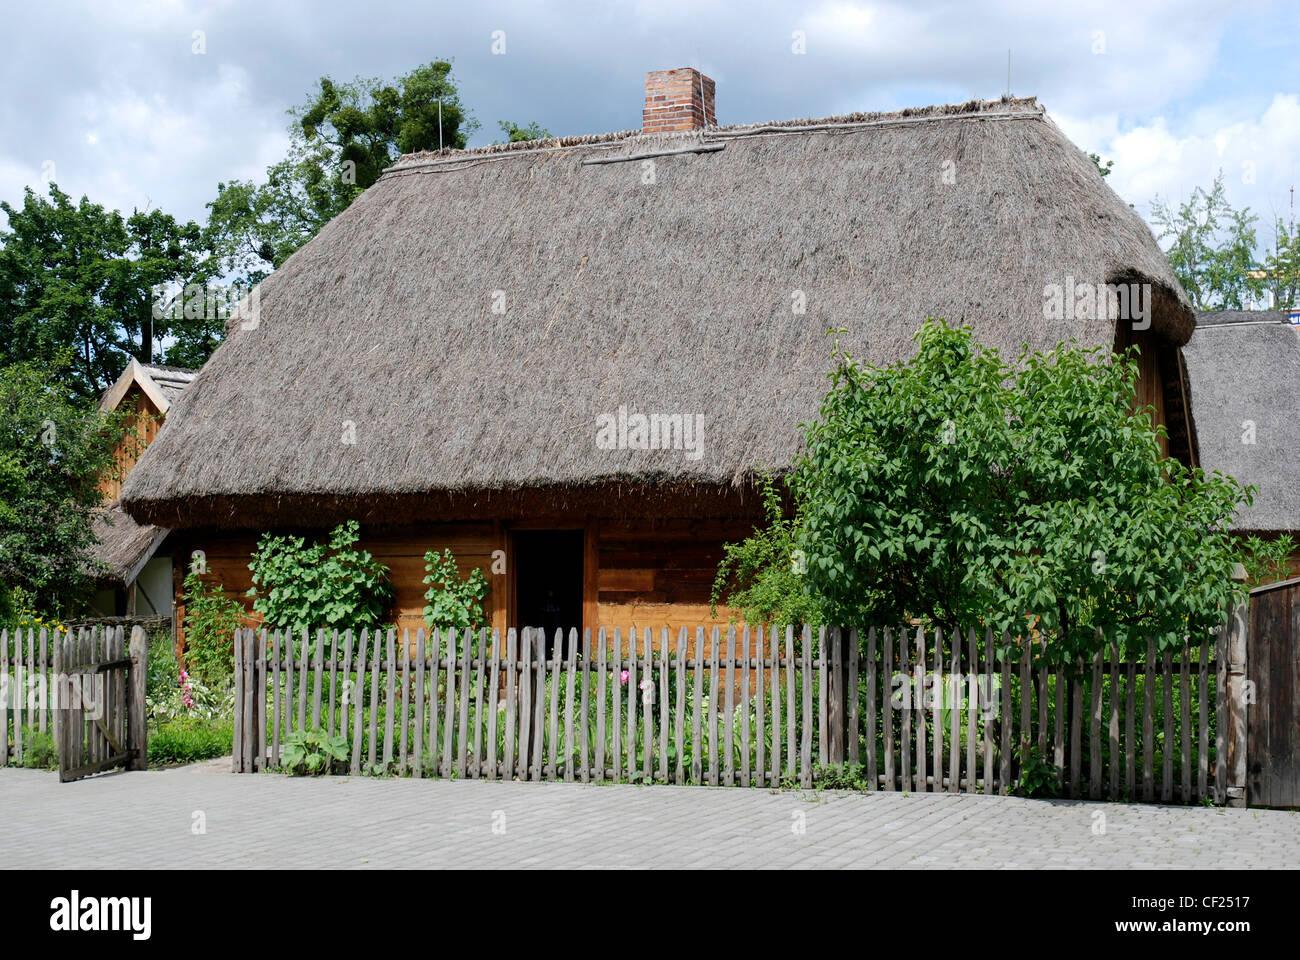 Farm house at the Farmhouse museum of Torun - Muzeum Etnograficzne. Stock Photo